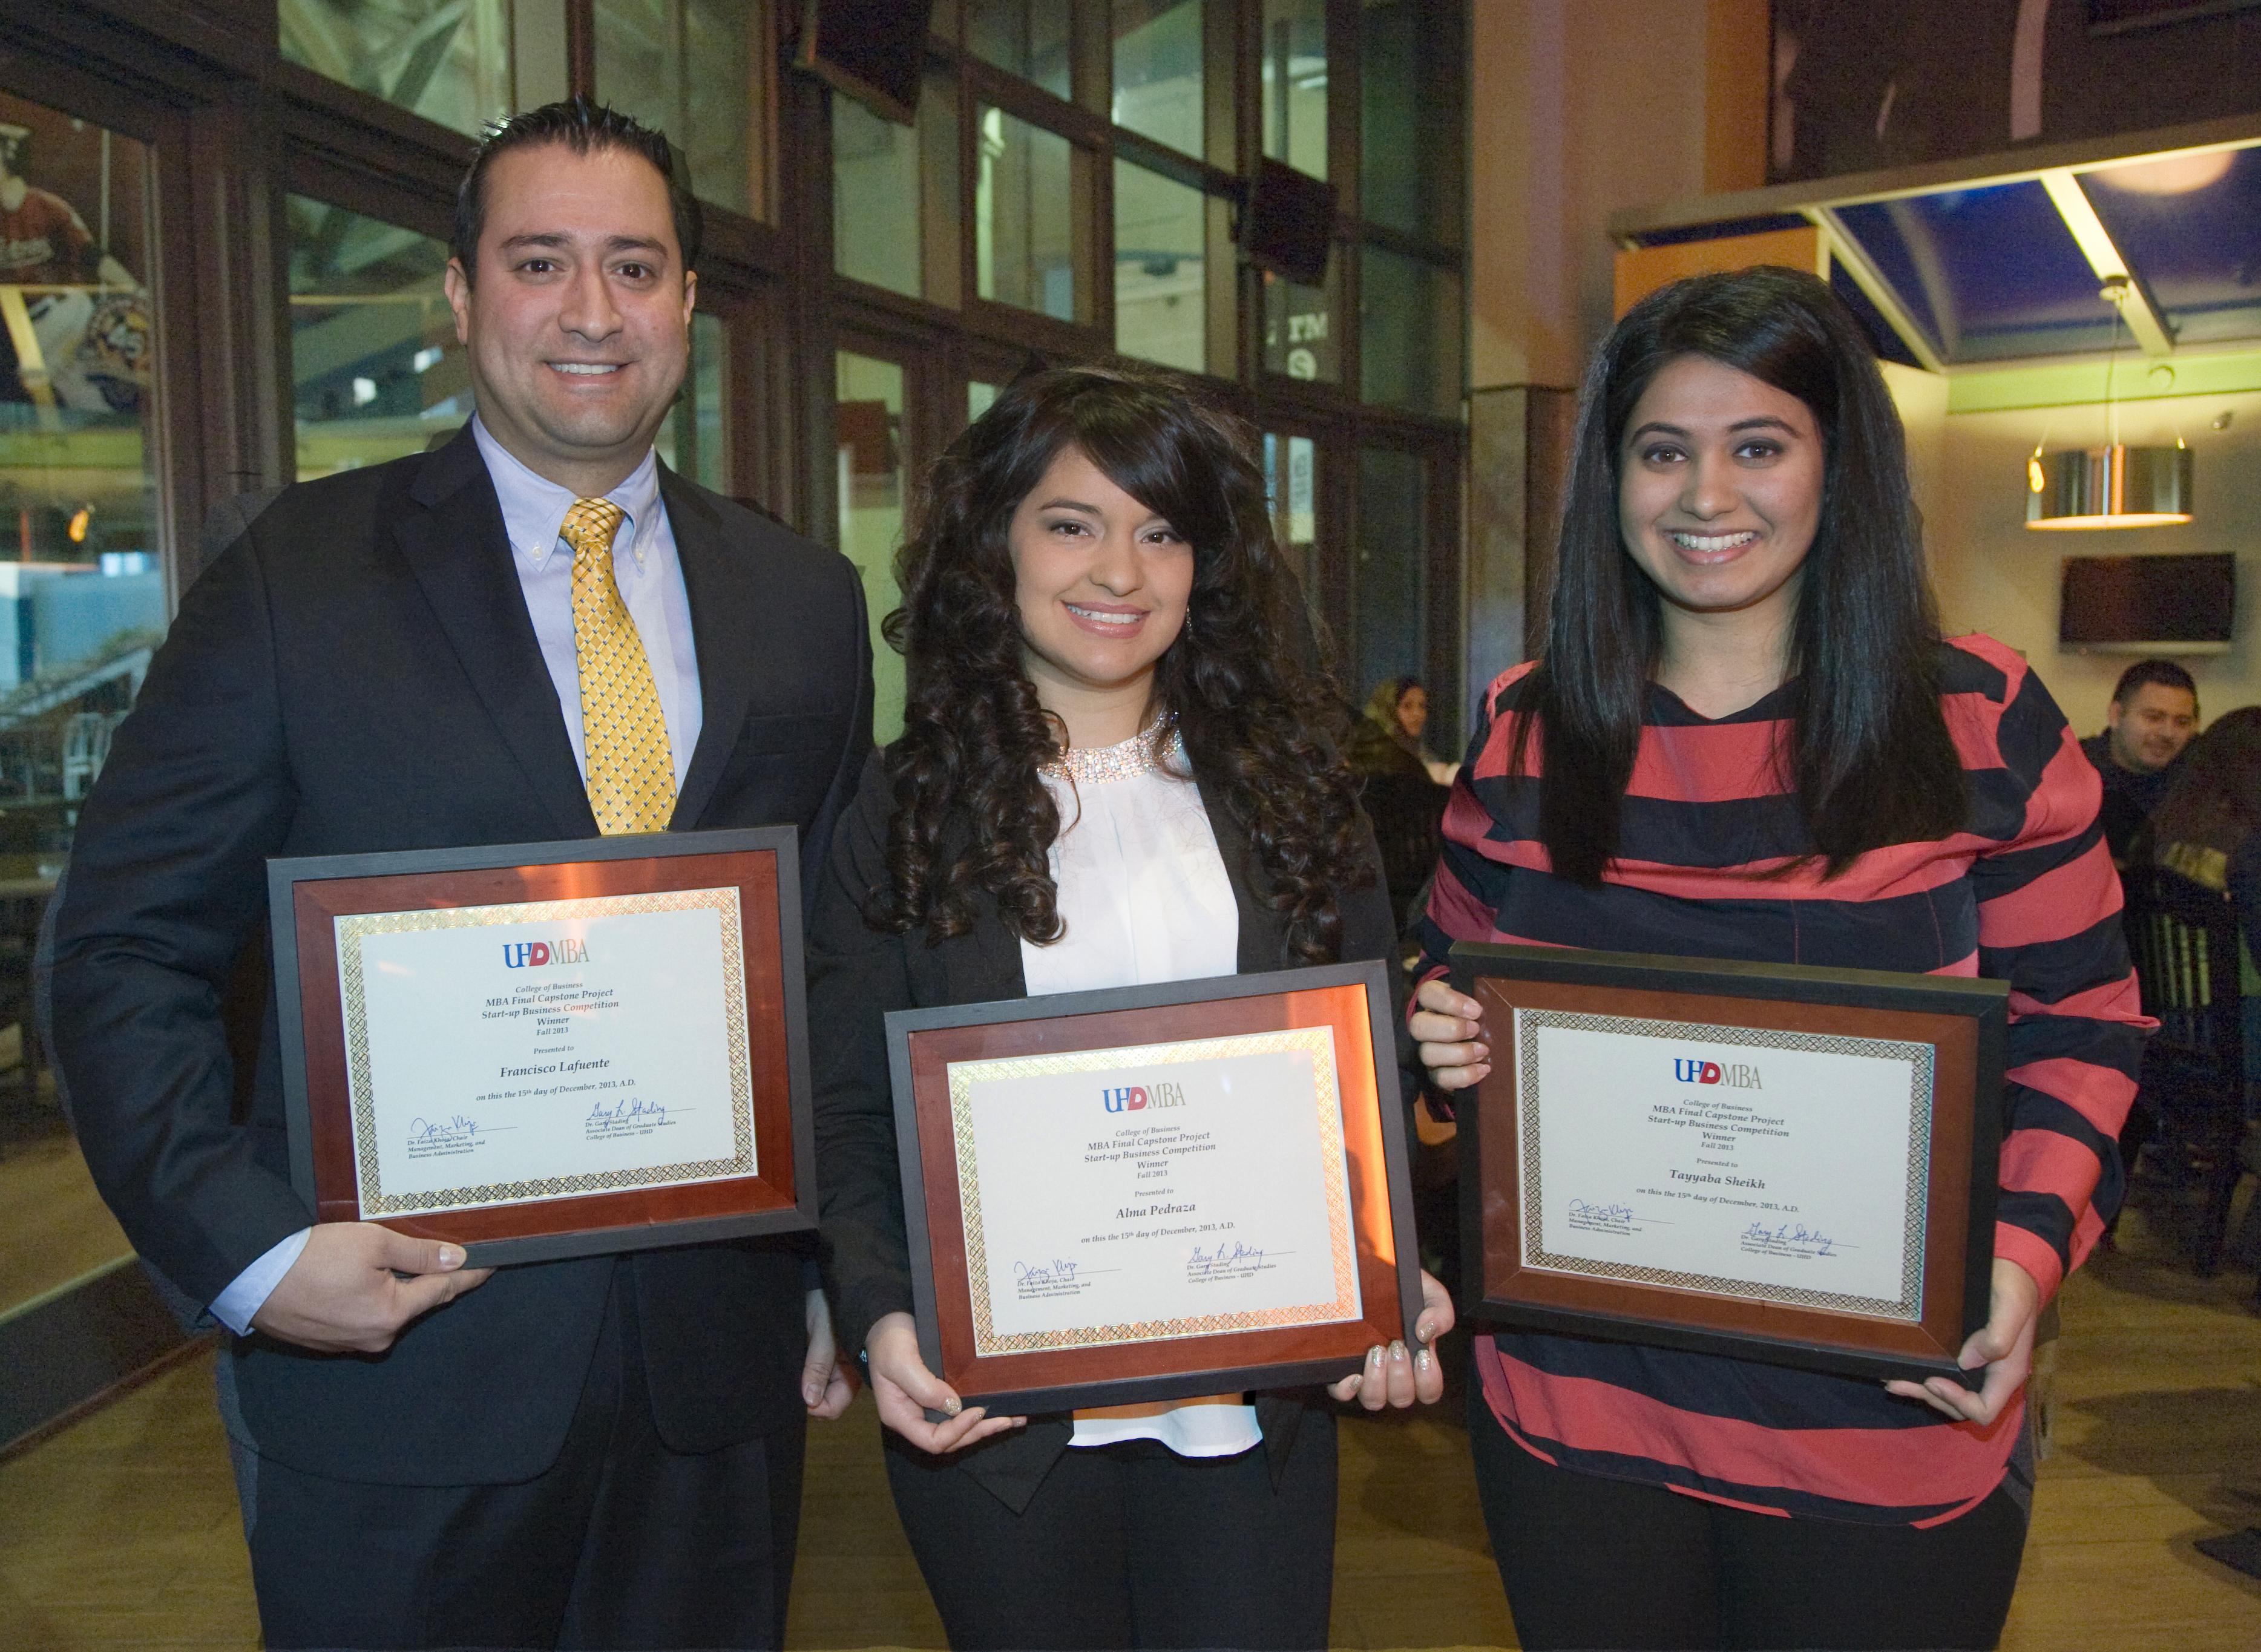 Winners Frank Lafuente, Alma Pedraza, Tayyaba Sheikh